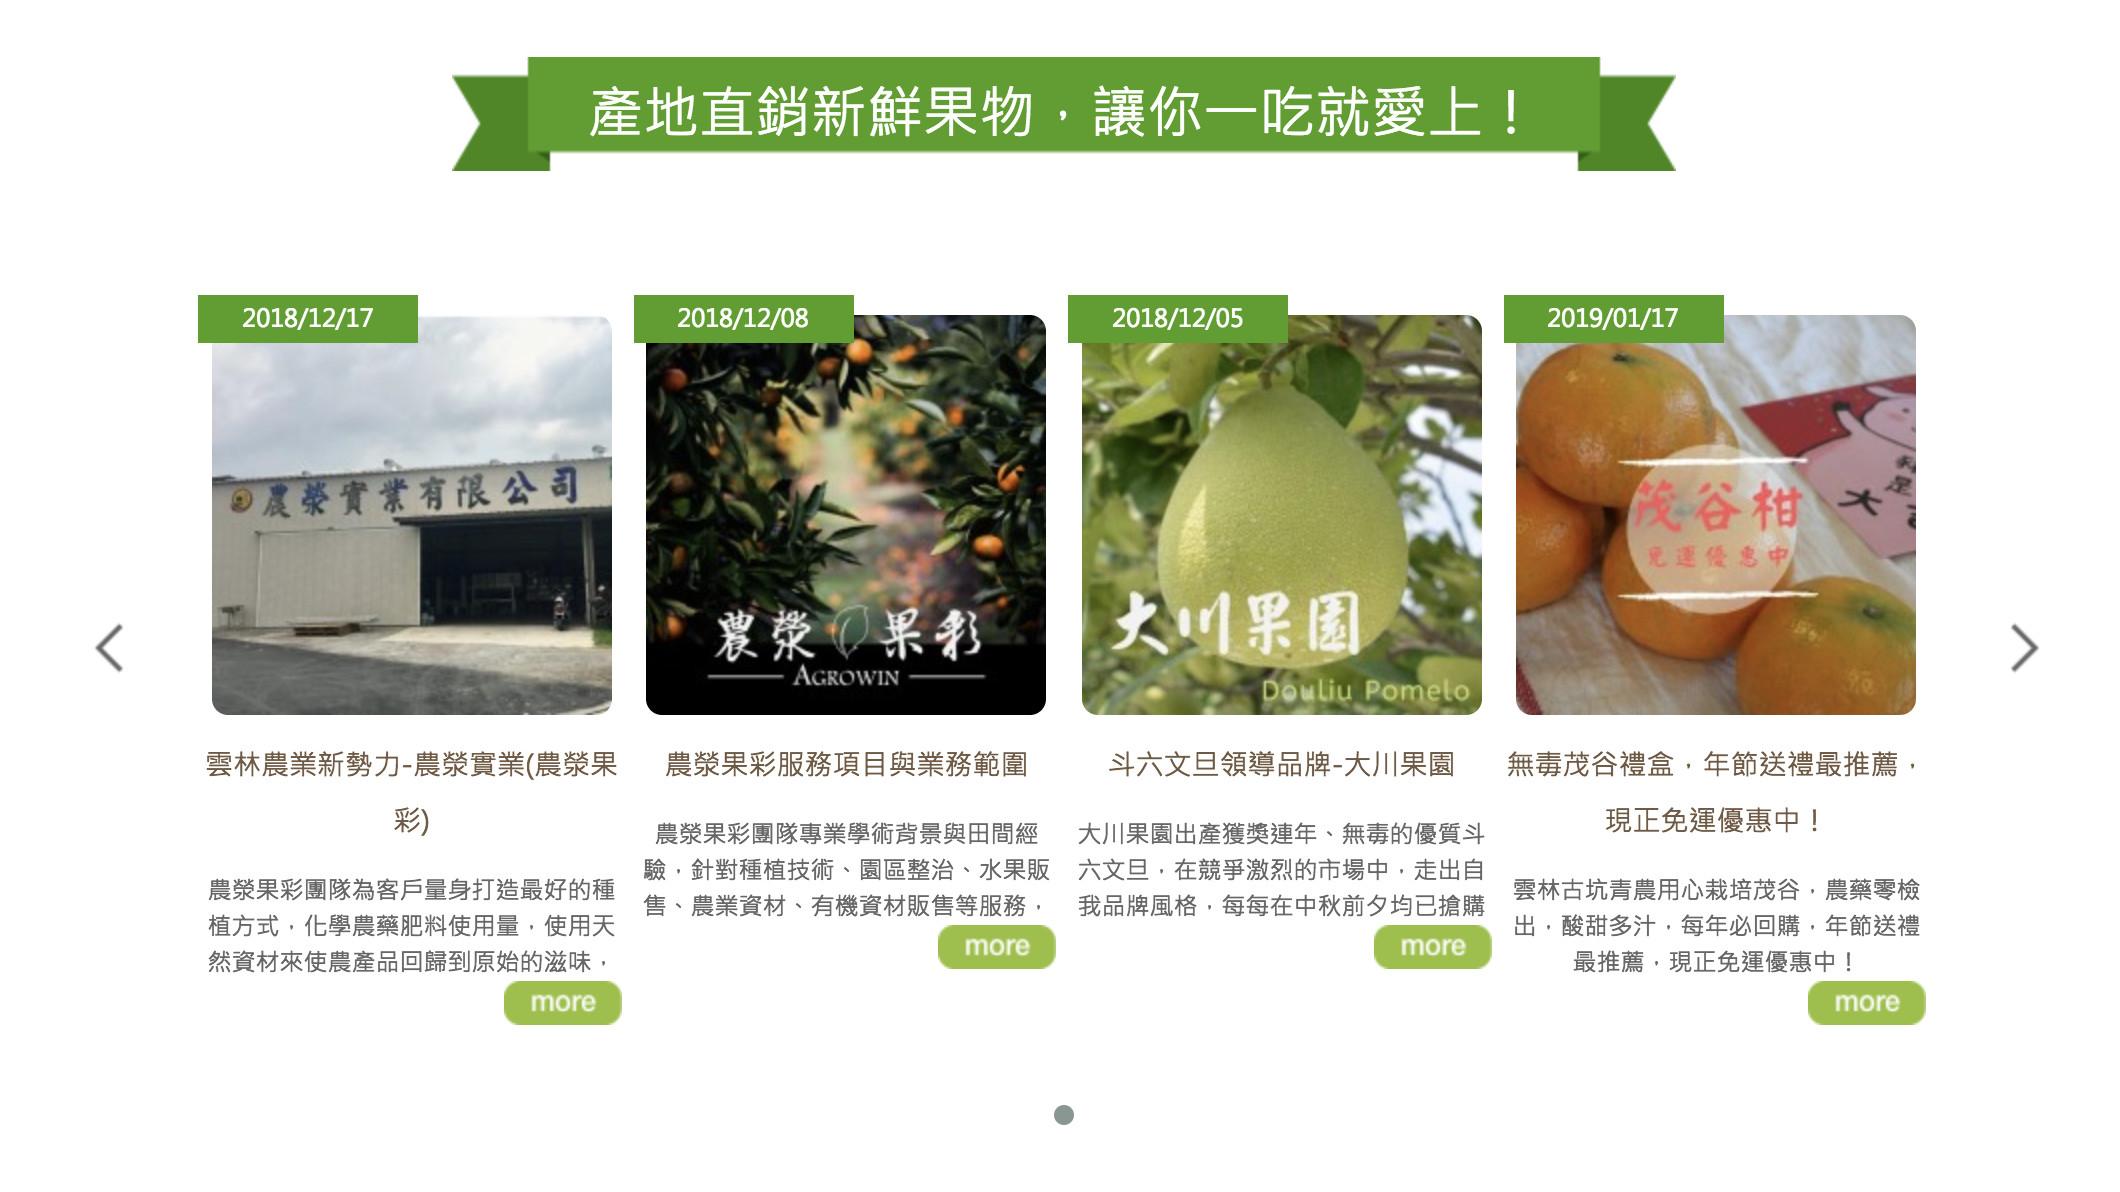 網站SEO優化成功案例、SEO網頁設計-農滎果彩農業知識專欄